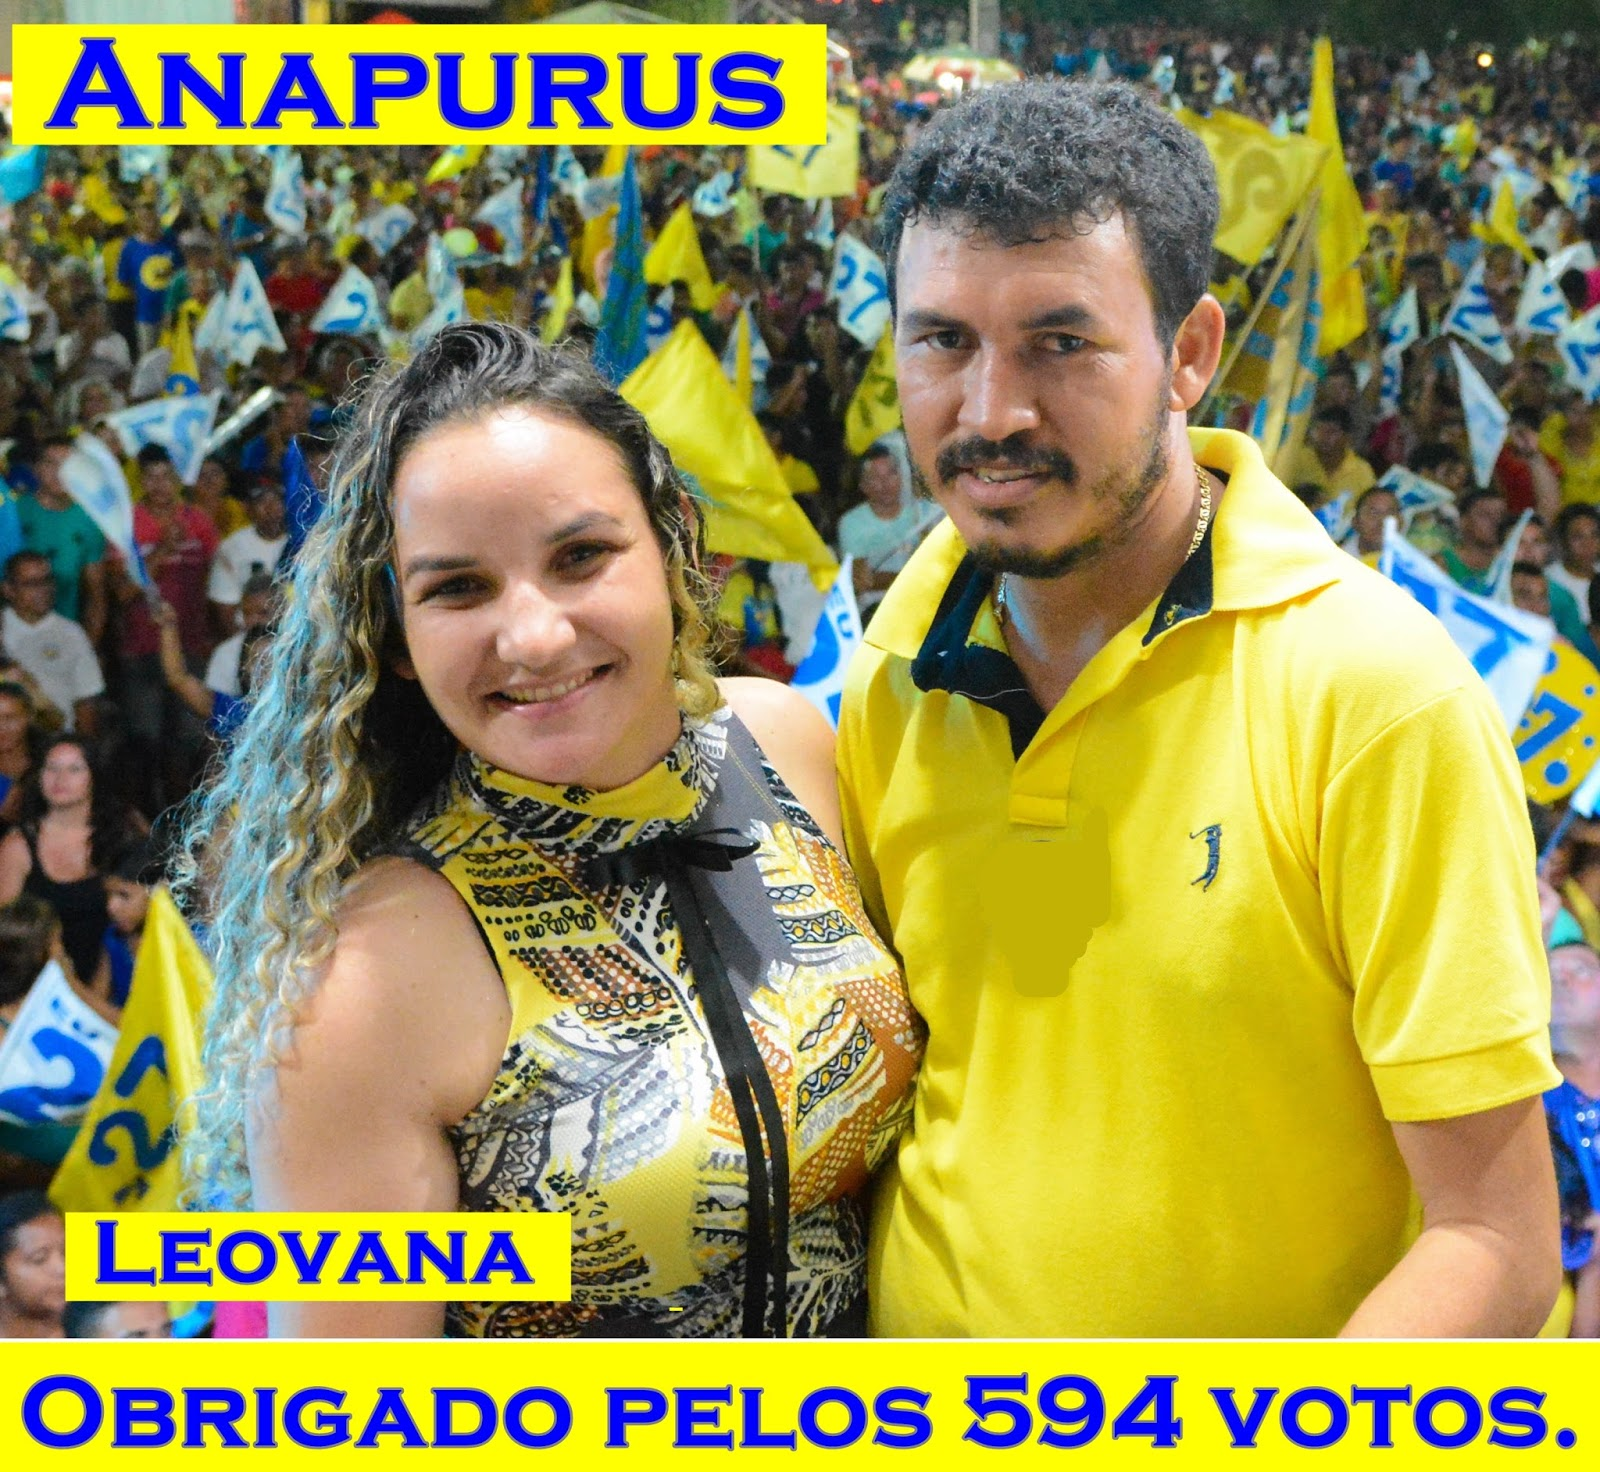 """Anapurus! Vereadora eleita """"Leovana"""" agradece os 594 votos obtidos com carinho pelo povo anapuruense."""